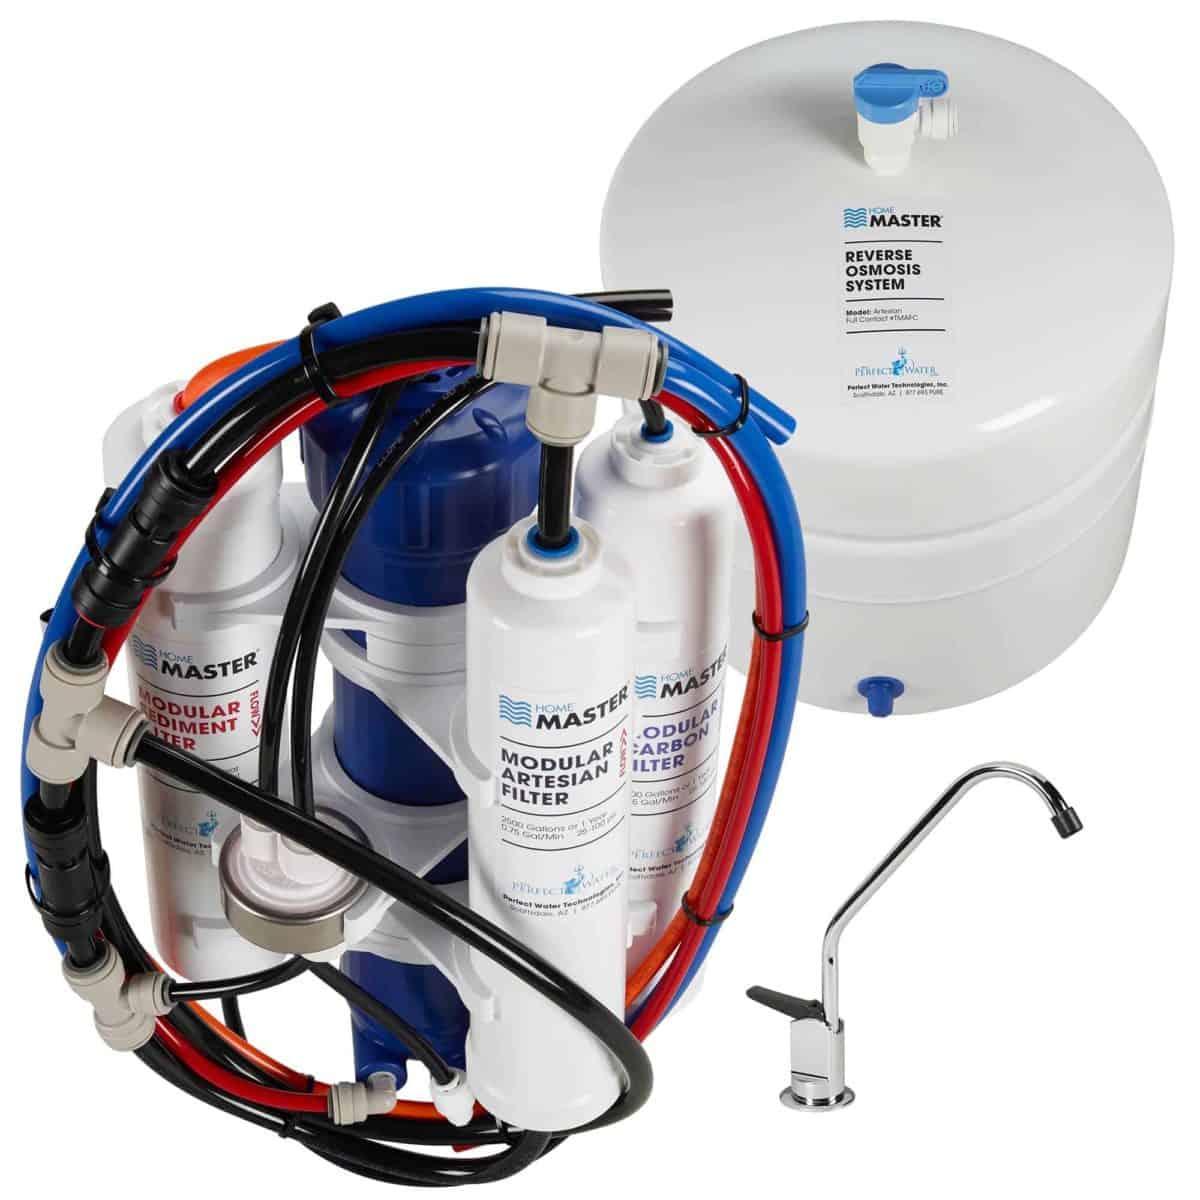 tap-master-reverse-osmosis-water-filter